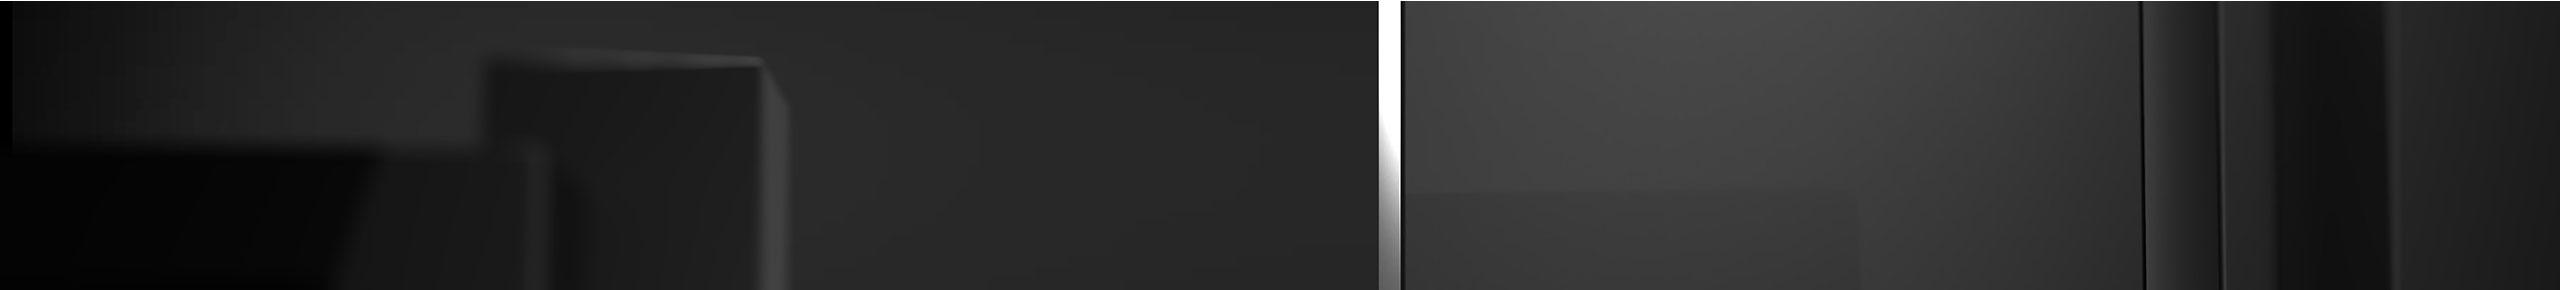 TP809热敏票据打印机,黑白两色可选  第17张